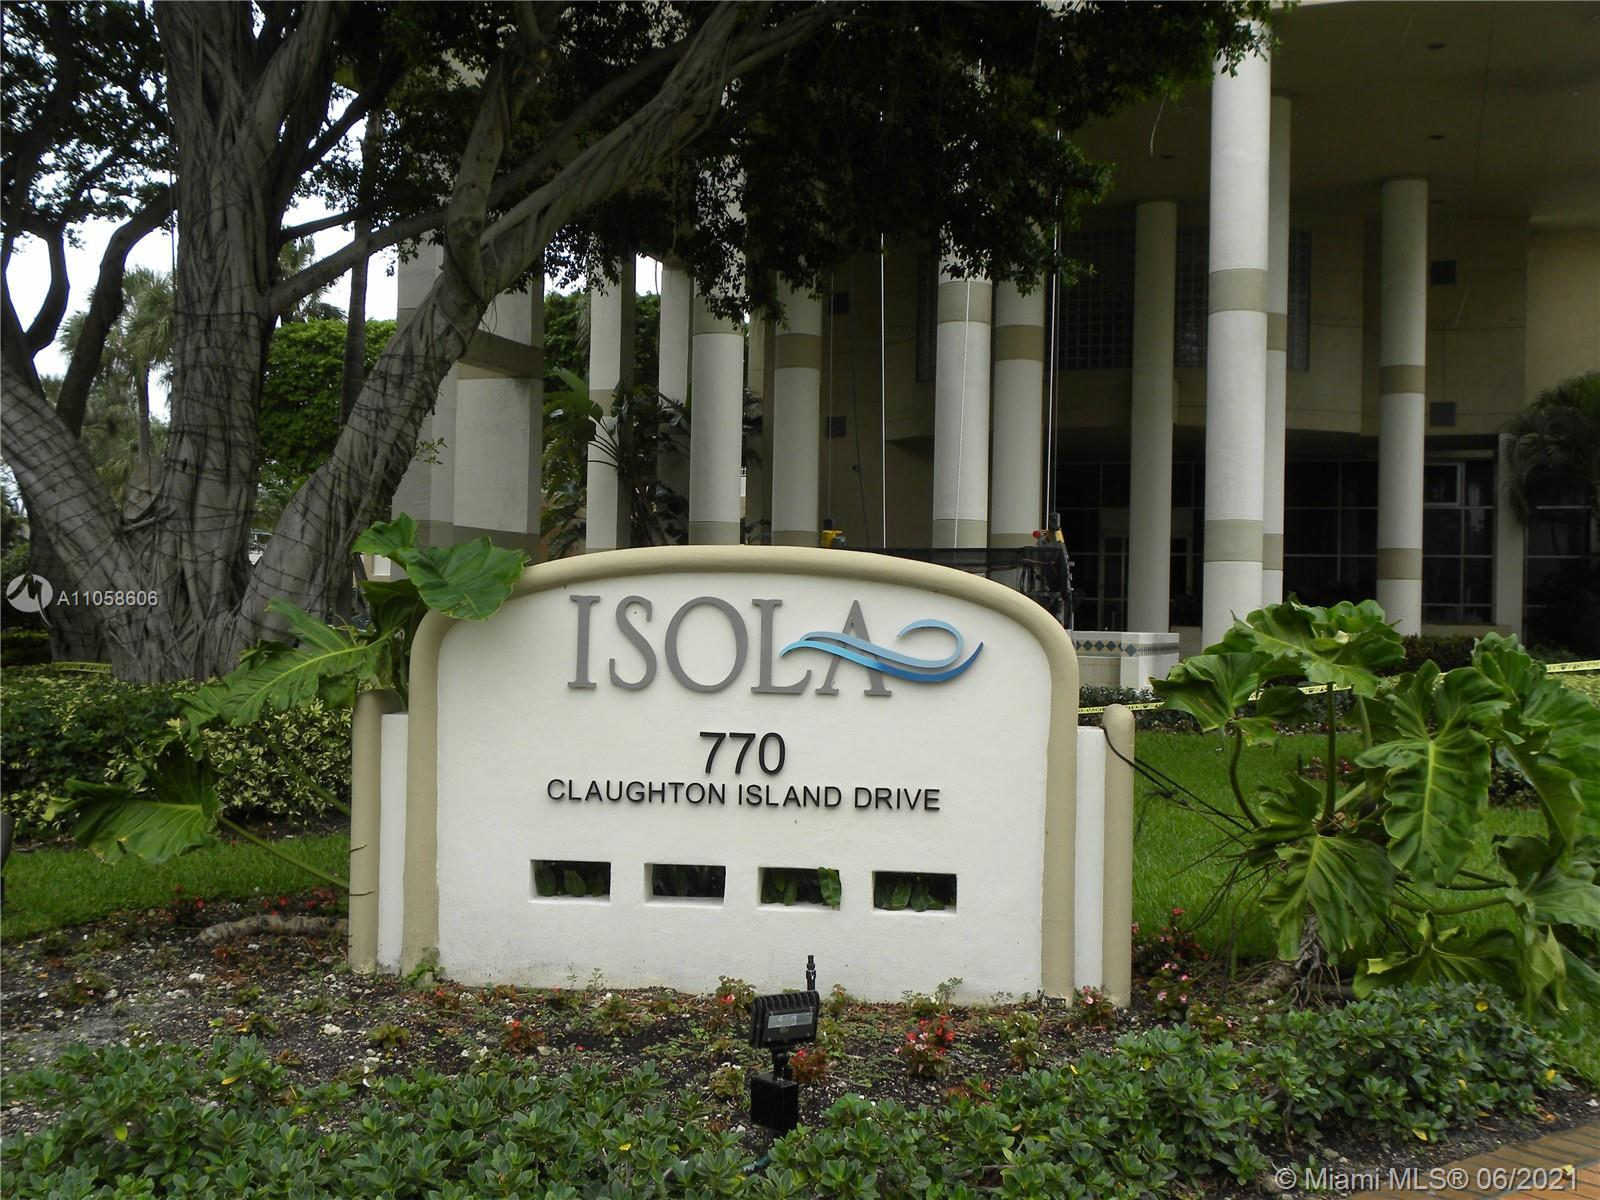 Isola - Квартиры на продажу